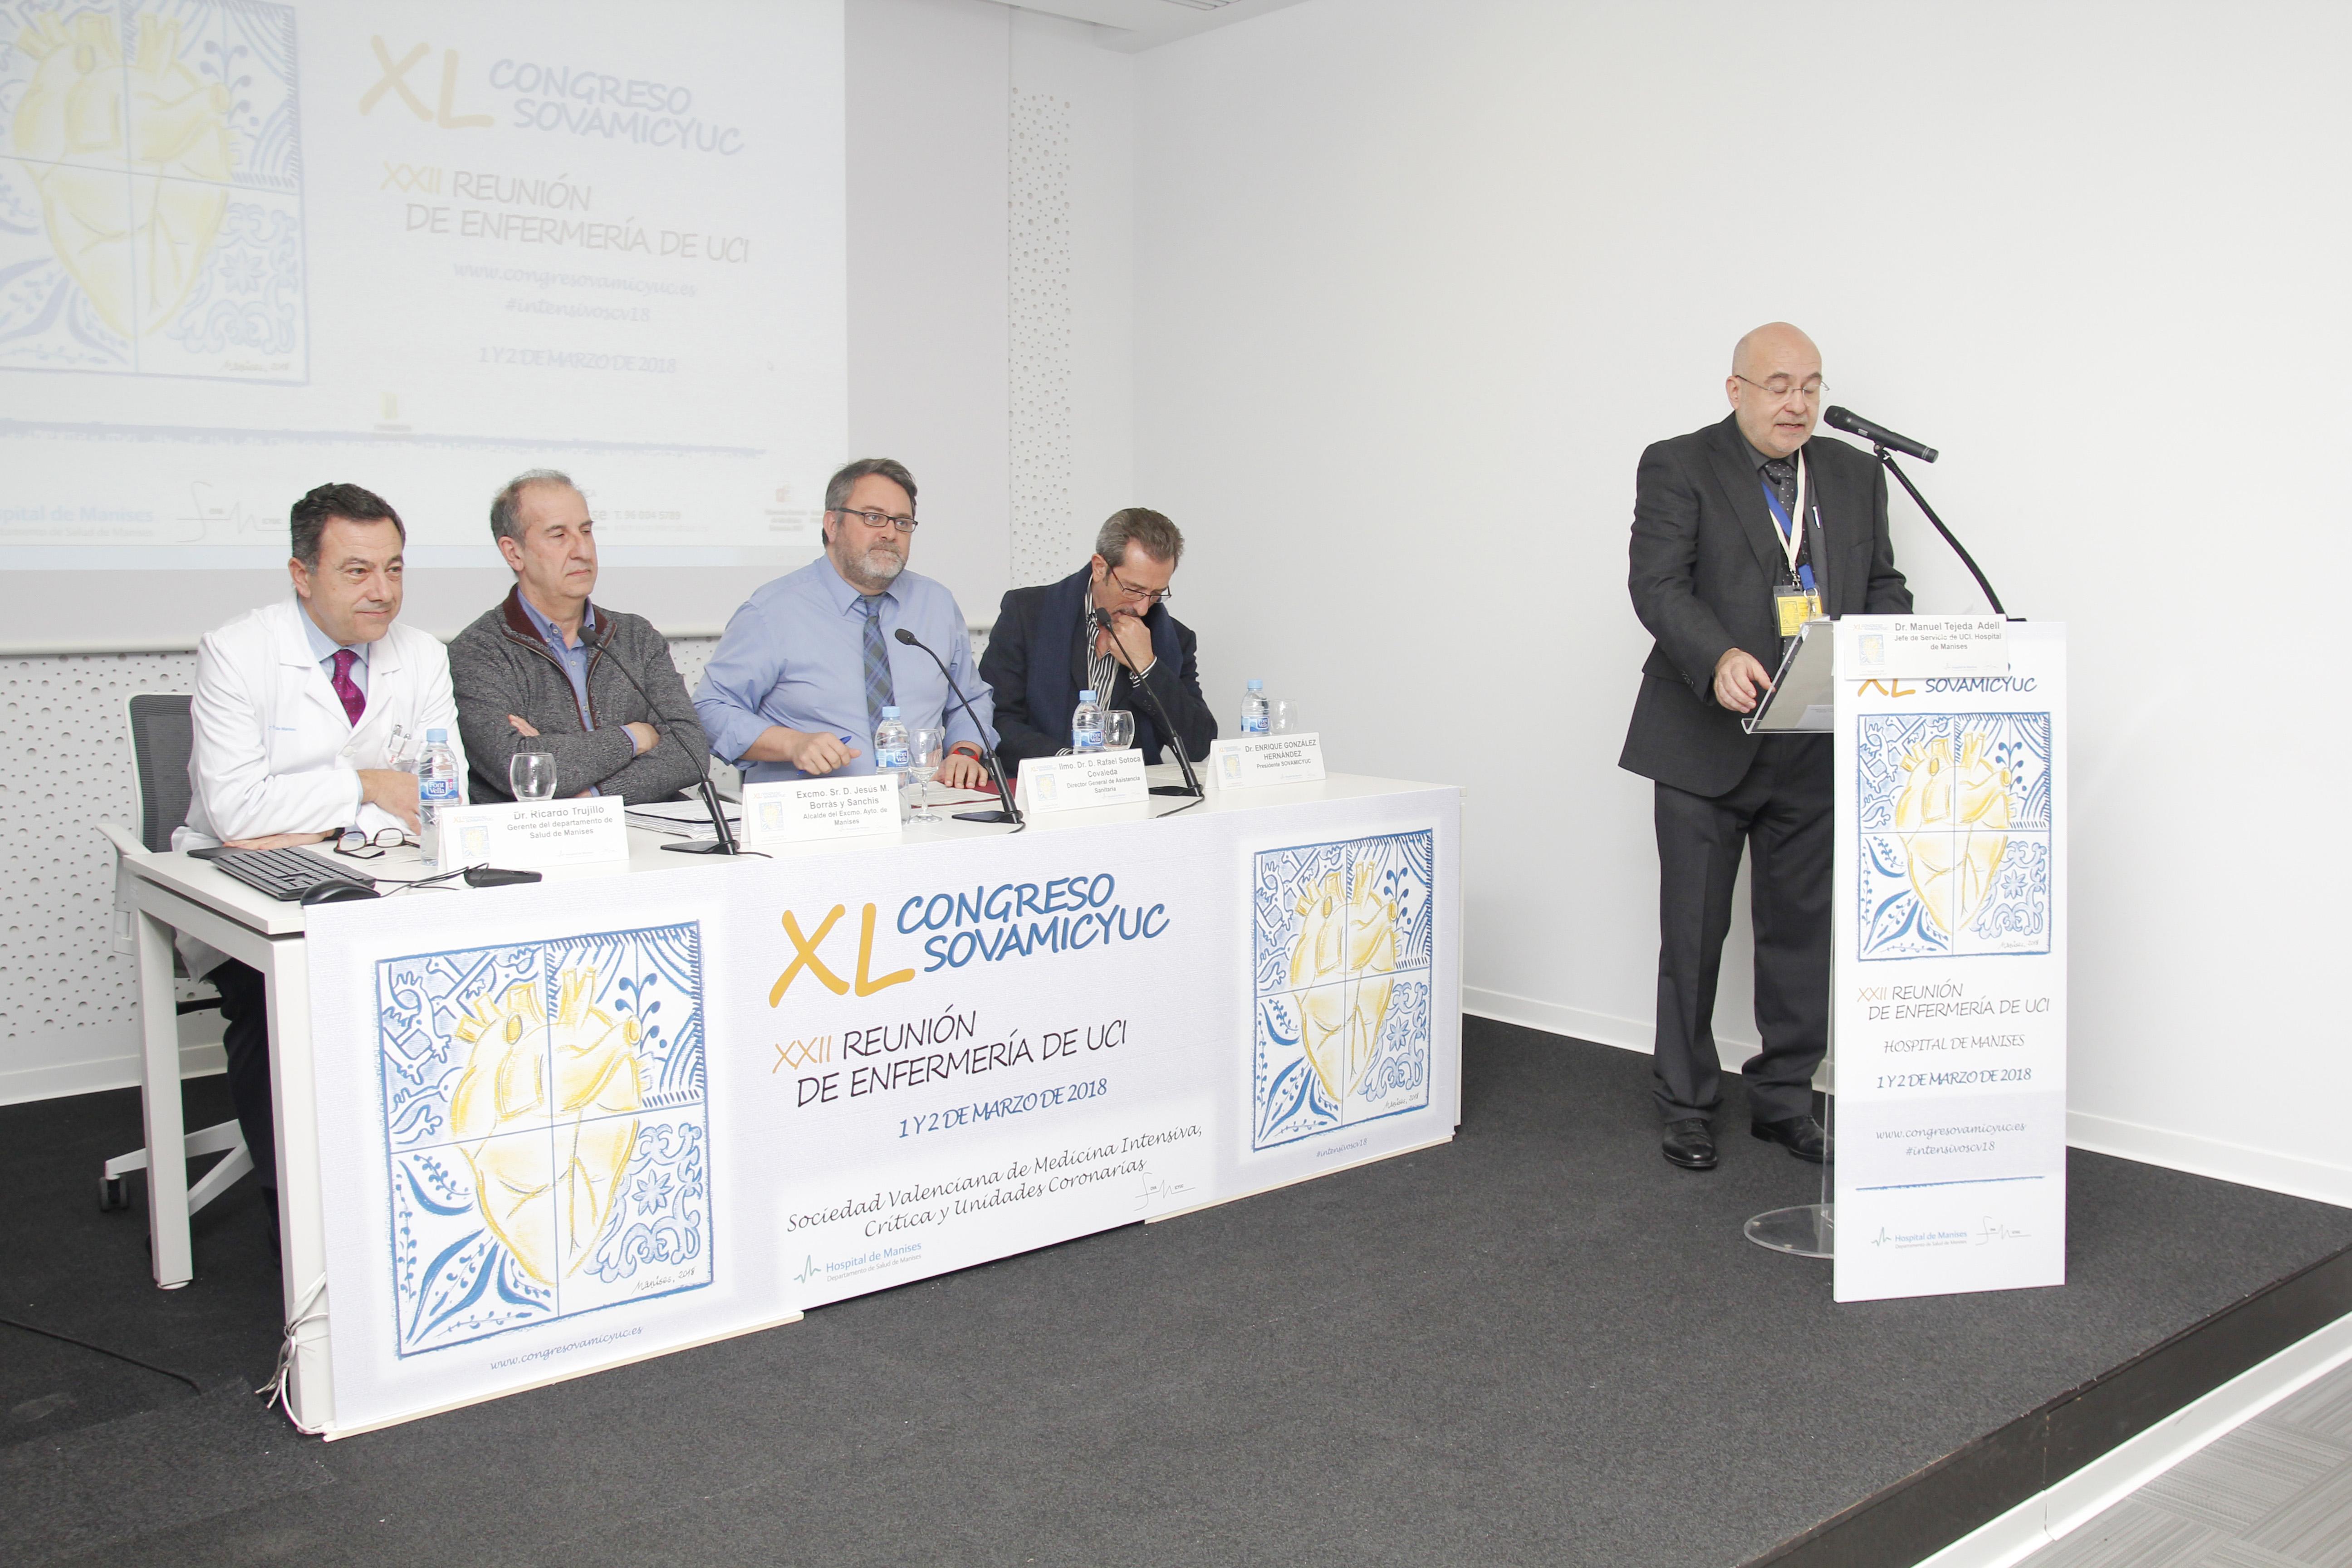 Más de 80 expertos se han dado cita en el congreso organizado por el centro hospitalario, el Ayuntamiento de Manises y la Asociación Valenciana de Medicina Intensiva SOVAMICYUC.